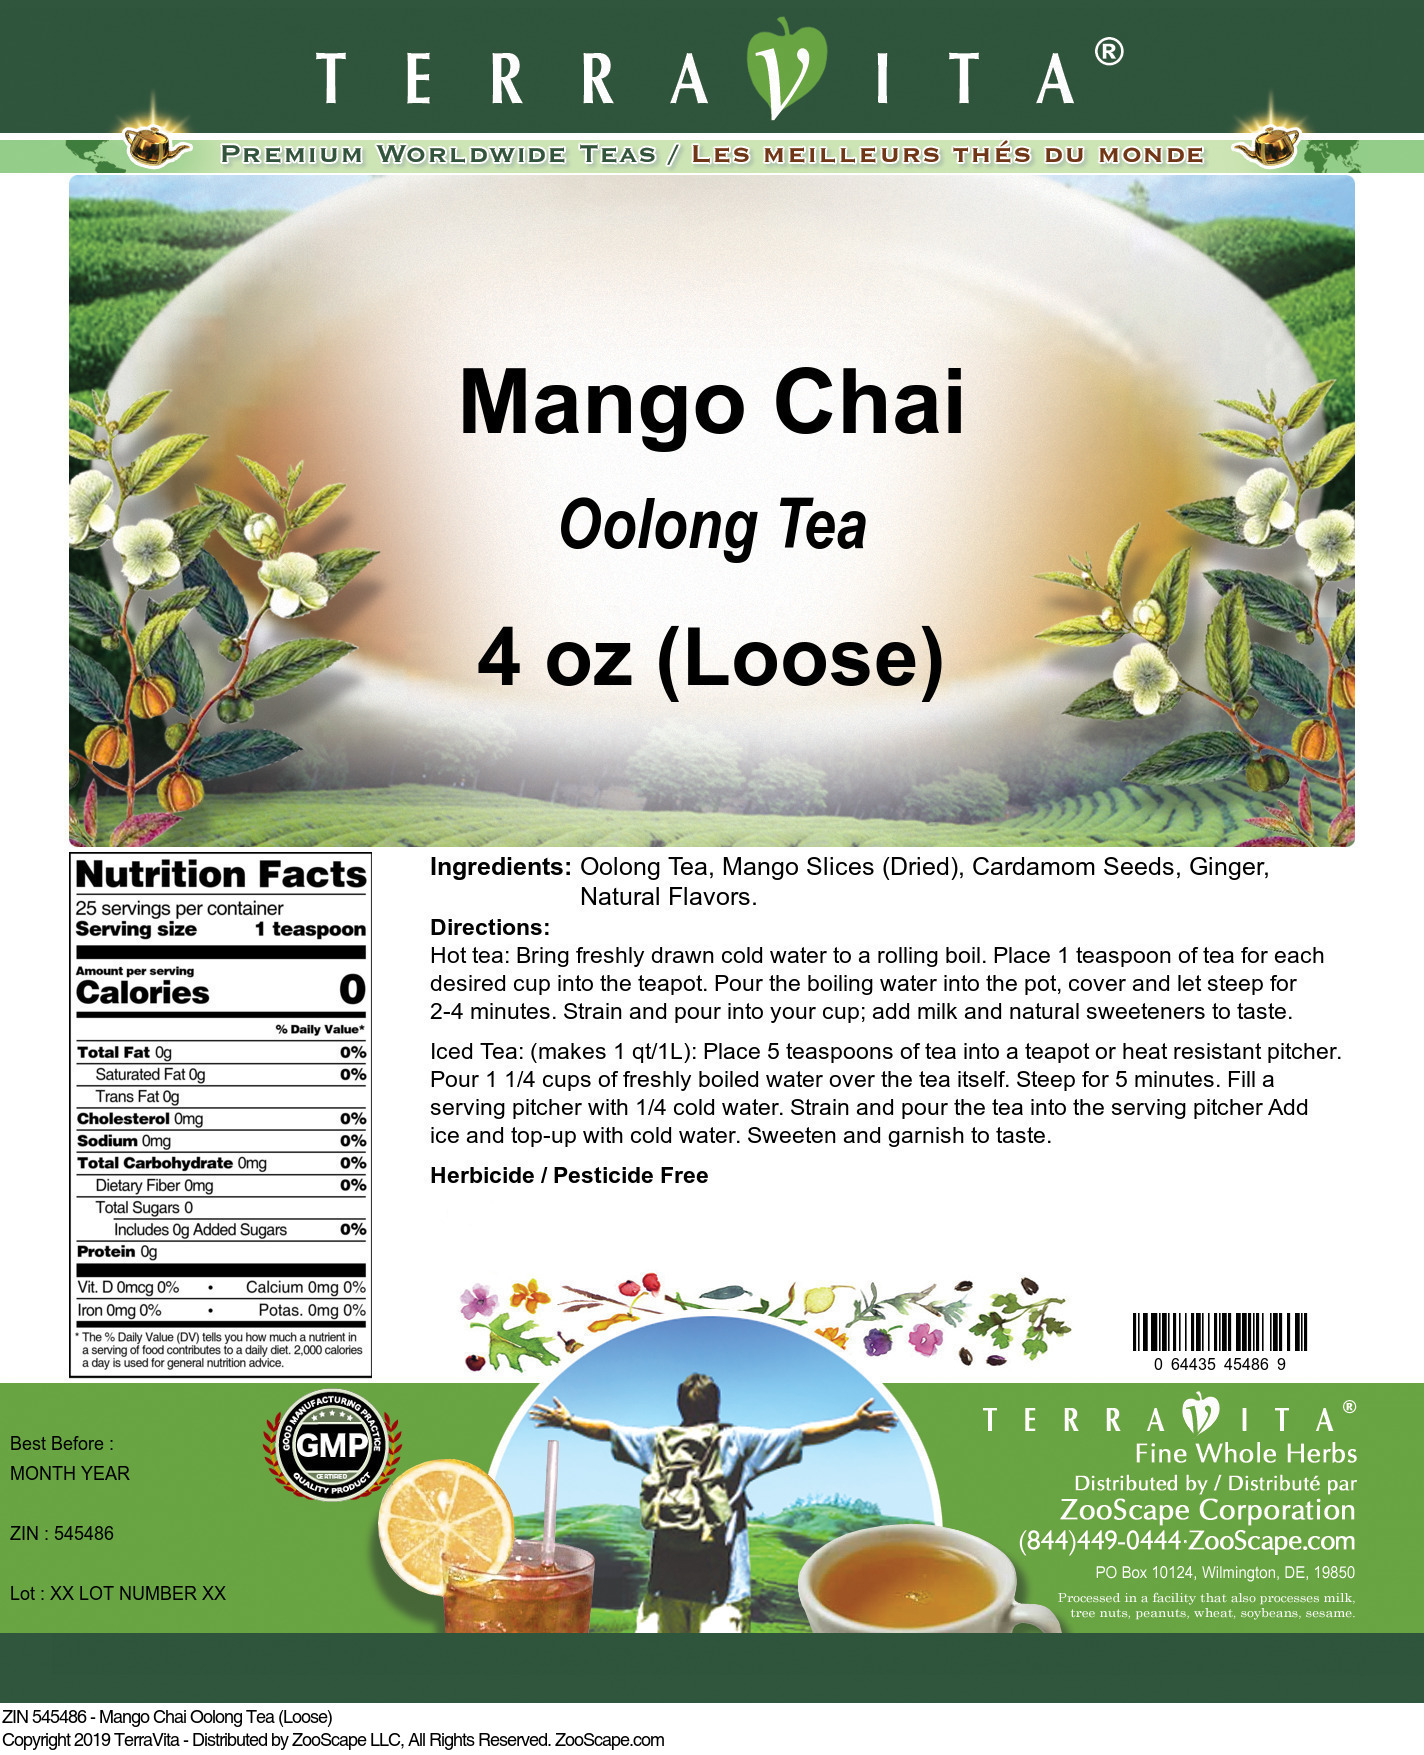 Mango Chai Oolong Tea (Loose)